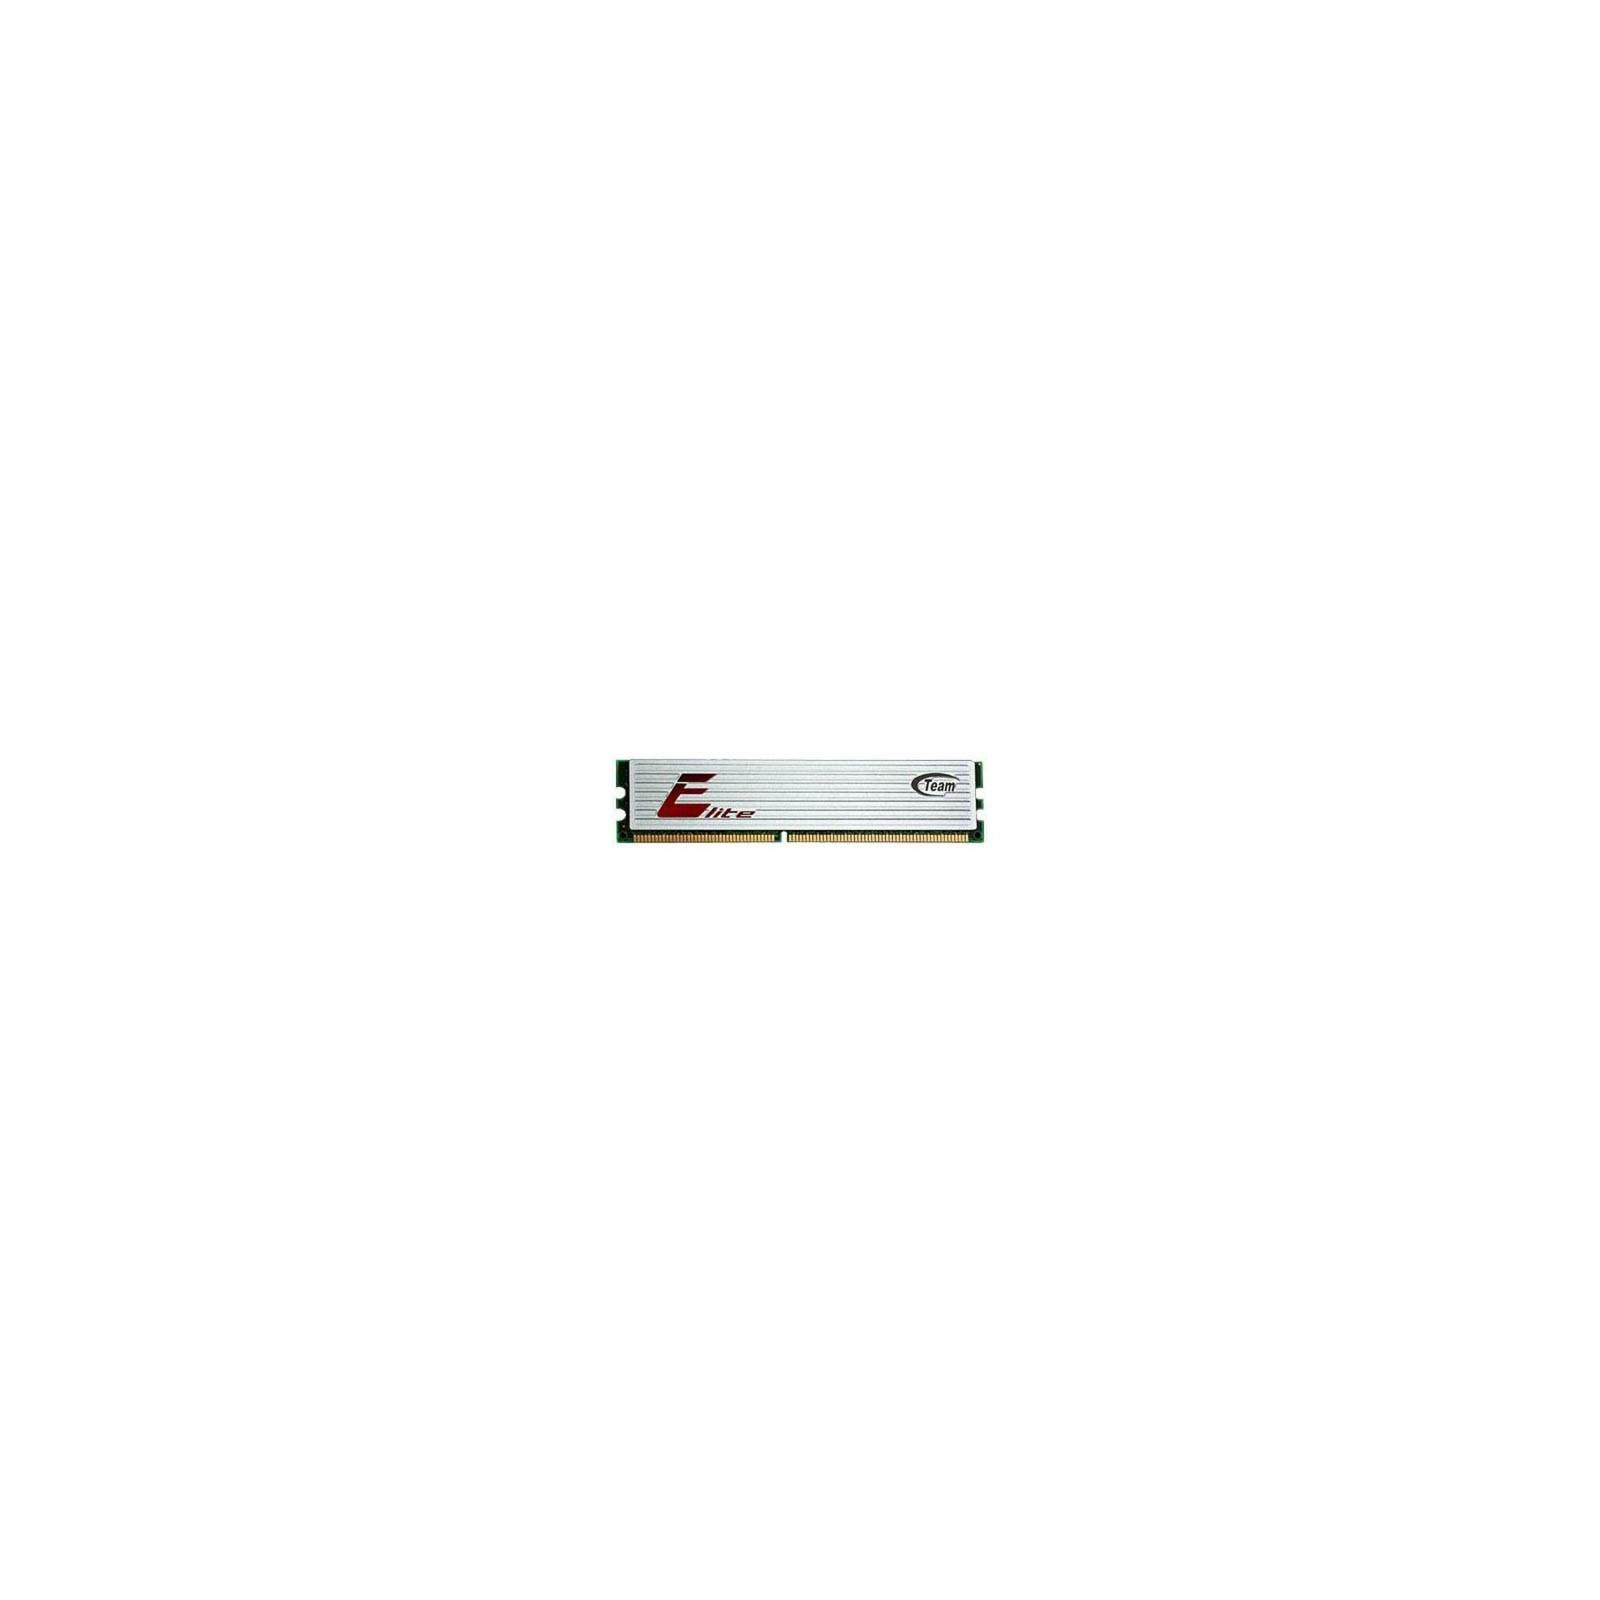 Модуль памяти для компьютера DDR3 2GB 1333 MHz Team (TED32G1333HC9BK / TED32GM1333HC9BK)